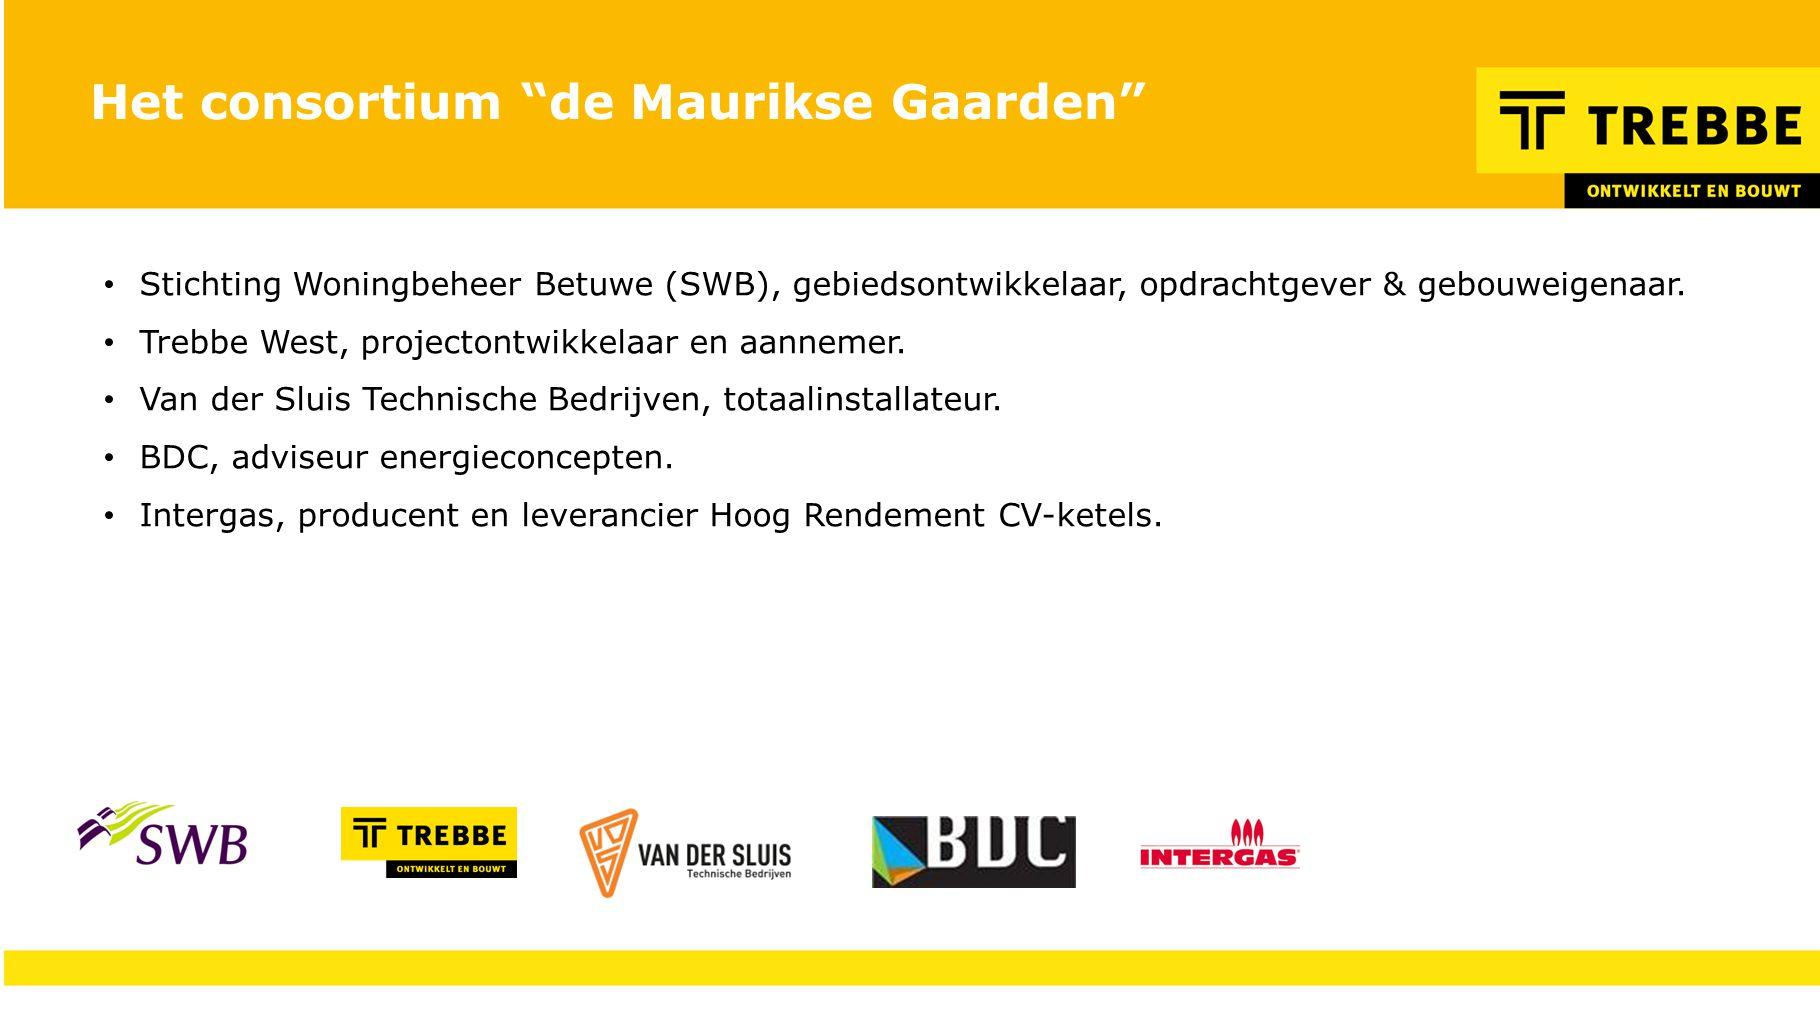 """Het consortium """"de Maurikse Gaarden"""" Stichting Woningbeheer Betuwe (SWB), gebiedsontwikkelaar, opdrachtgever & gebouweigenaar. Trebbe West, projectont"""